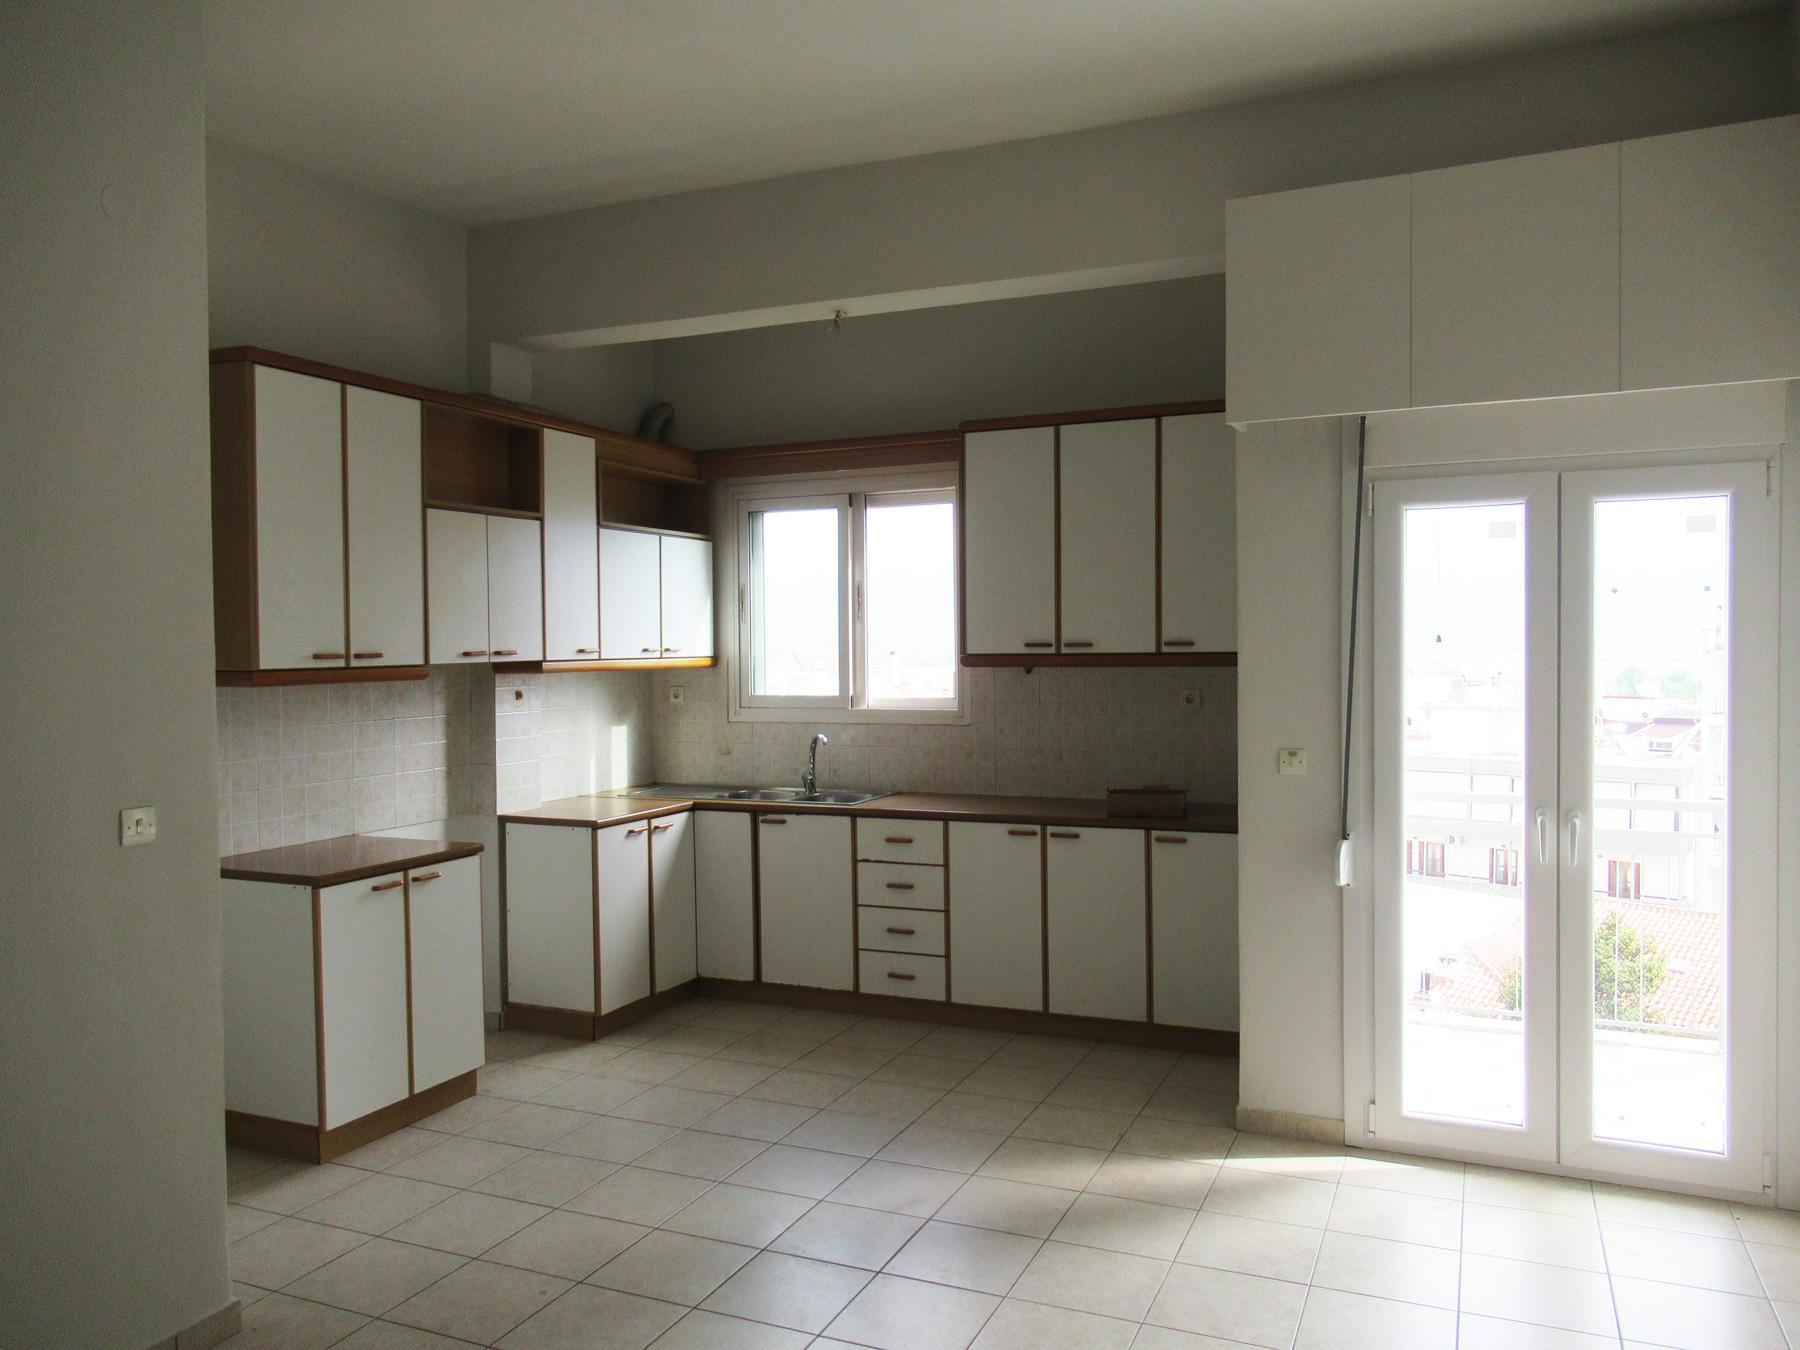 Ενοικιάζεται δυάρι διαμέρισμα 55 τ.μ. 3ου ορόφου πλησίον Άλσους στο κέντρο των Ιωαννίνων